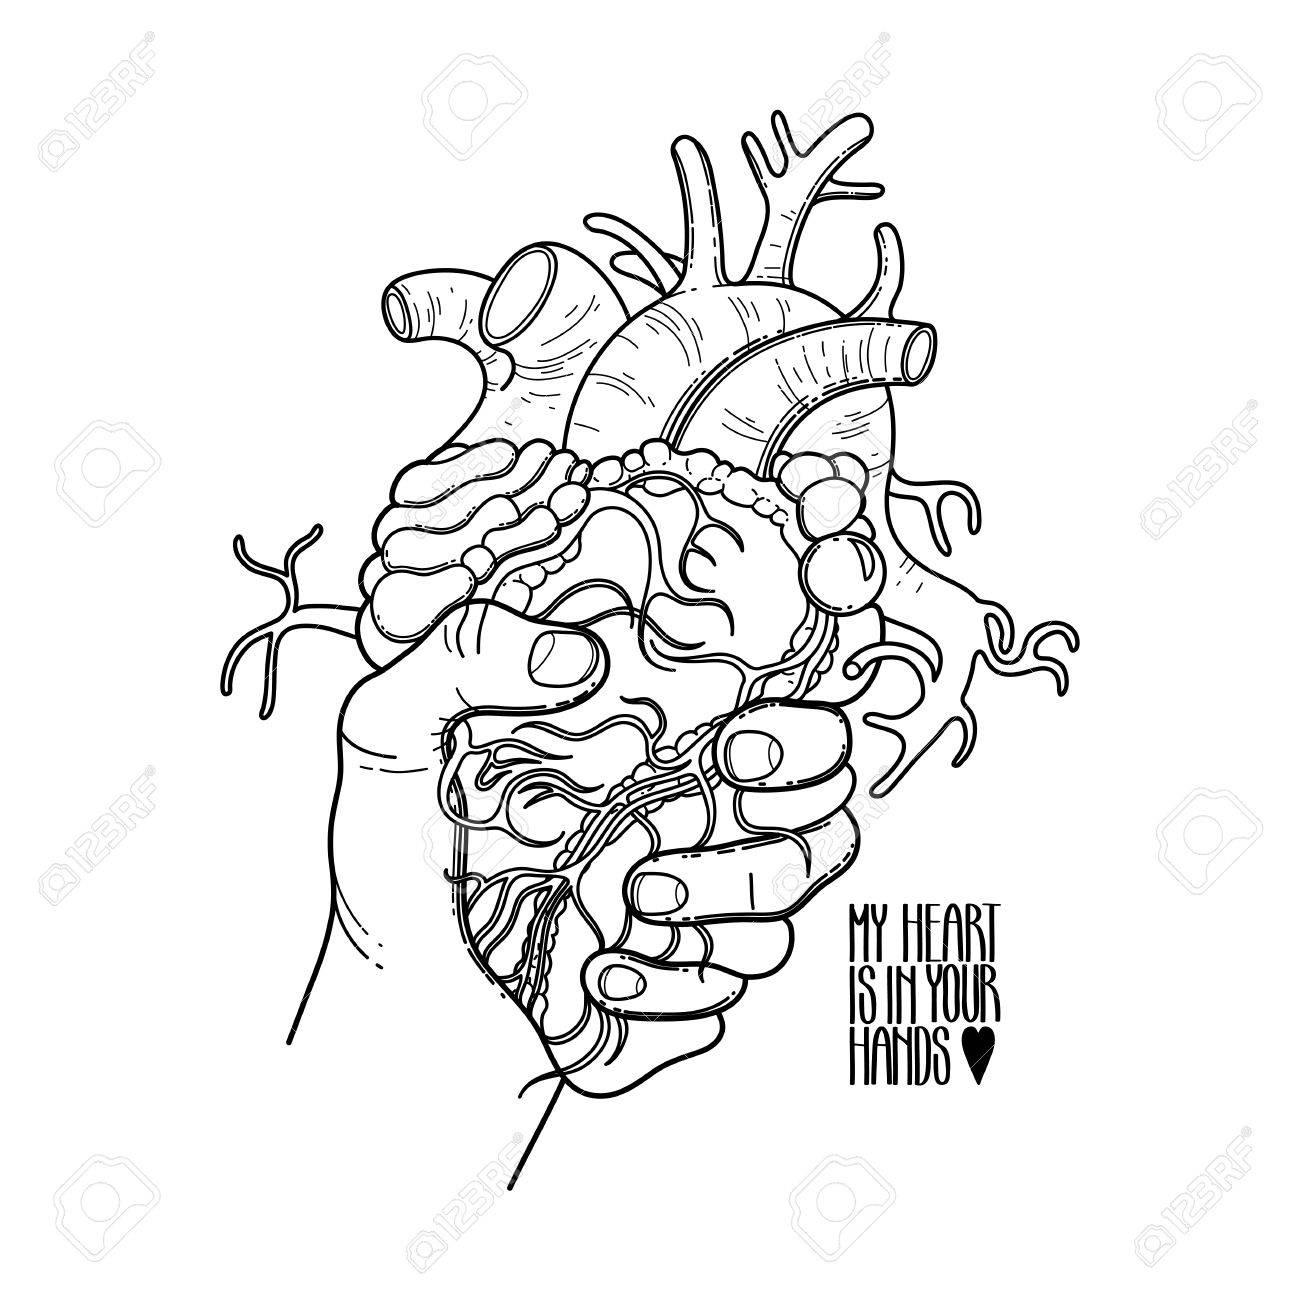 Gráfico De La Mano Agarrando El Corazón Humano. Tarjeta Del Vector ...